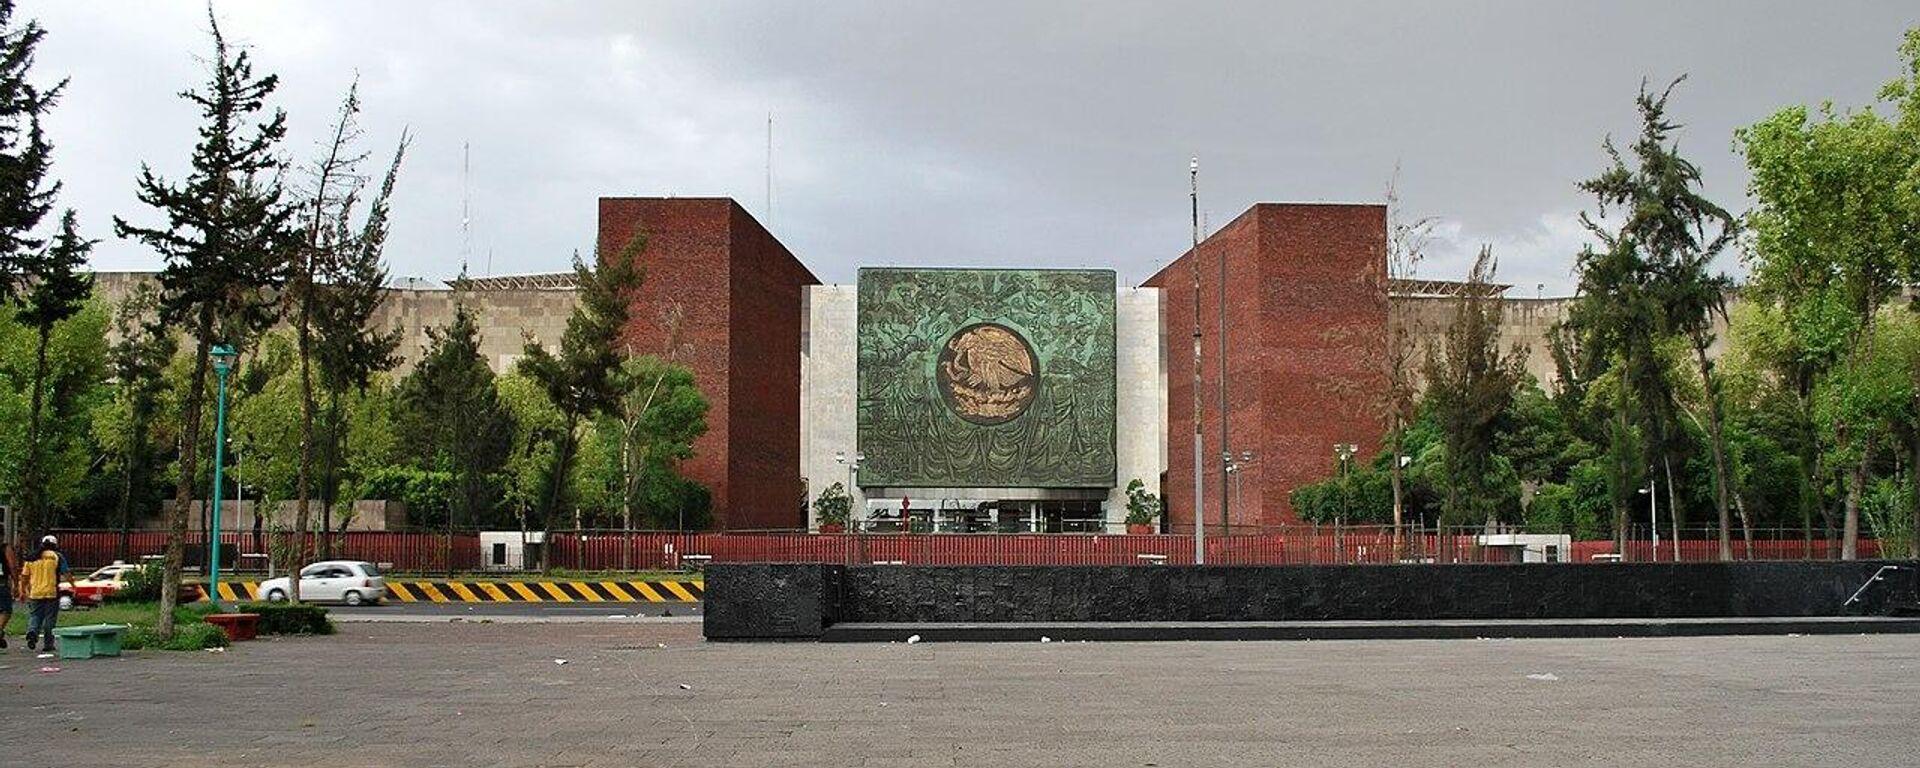 Palacio Legislativo de San Lázaro,  la sede de la Cámara de Diputados de México - Sputnik Mundo, 1920, 25.05.2021